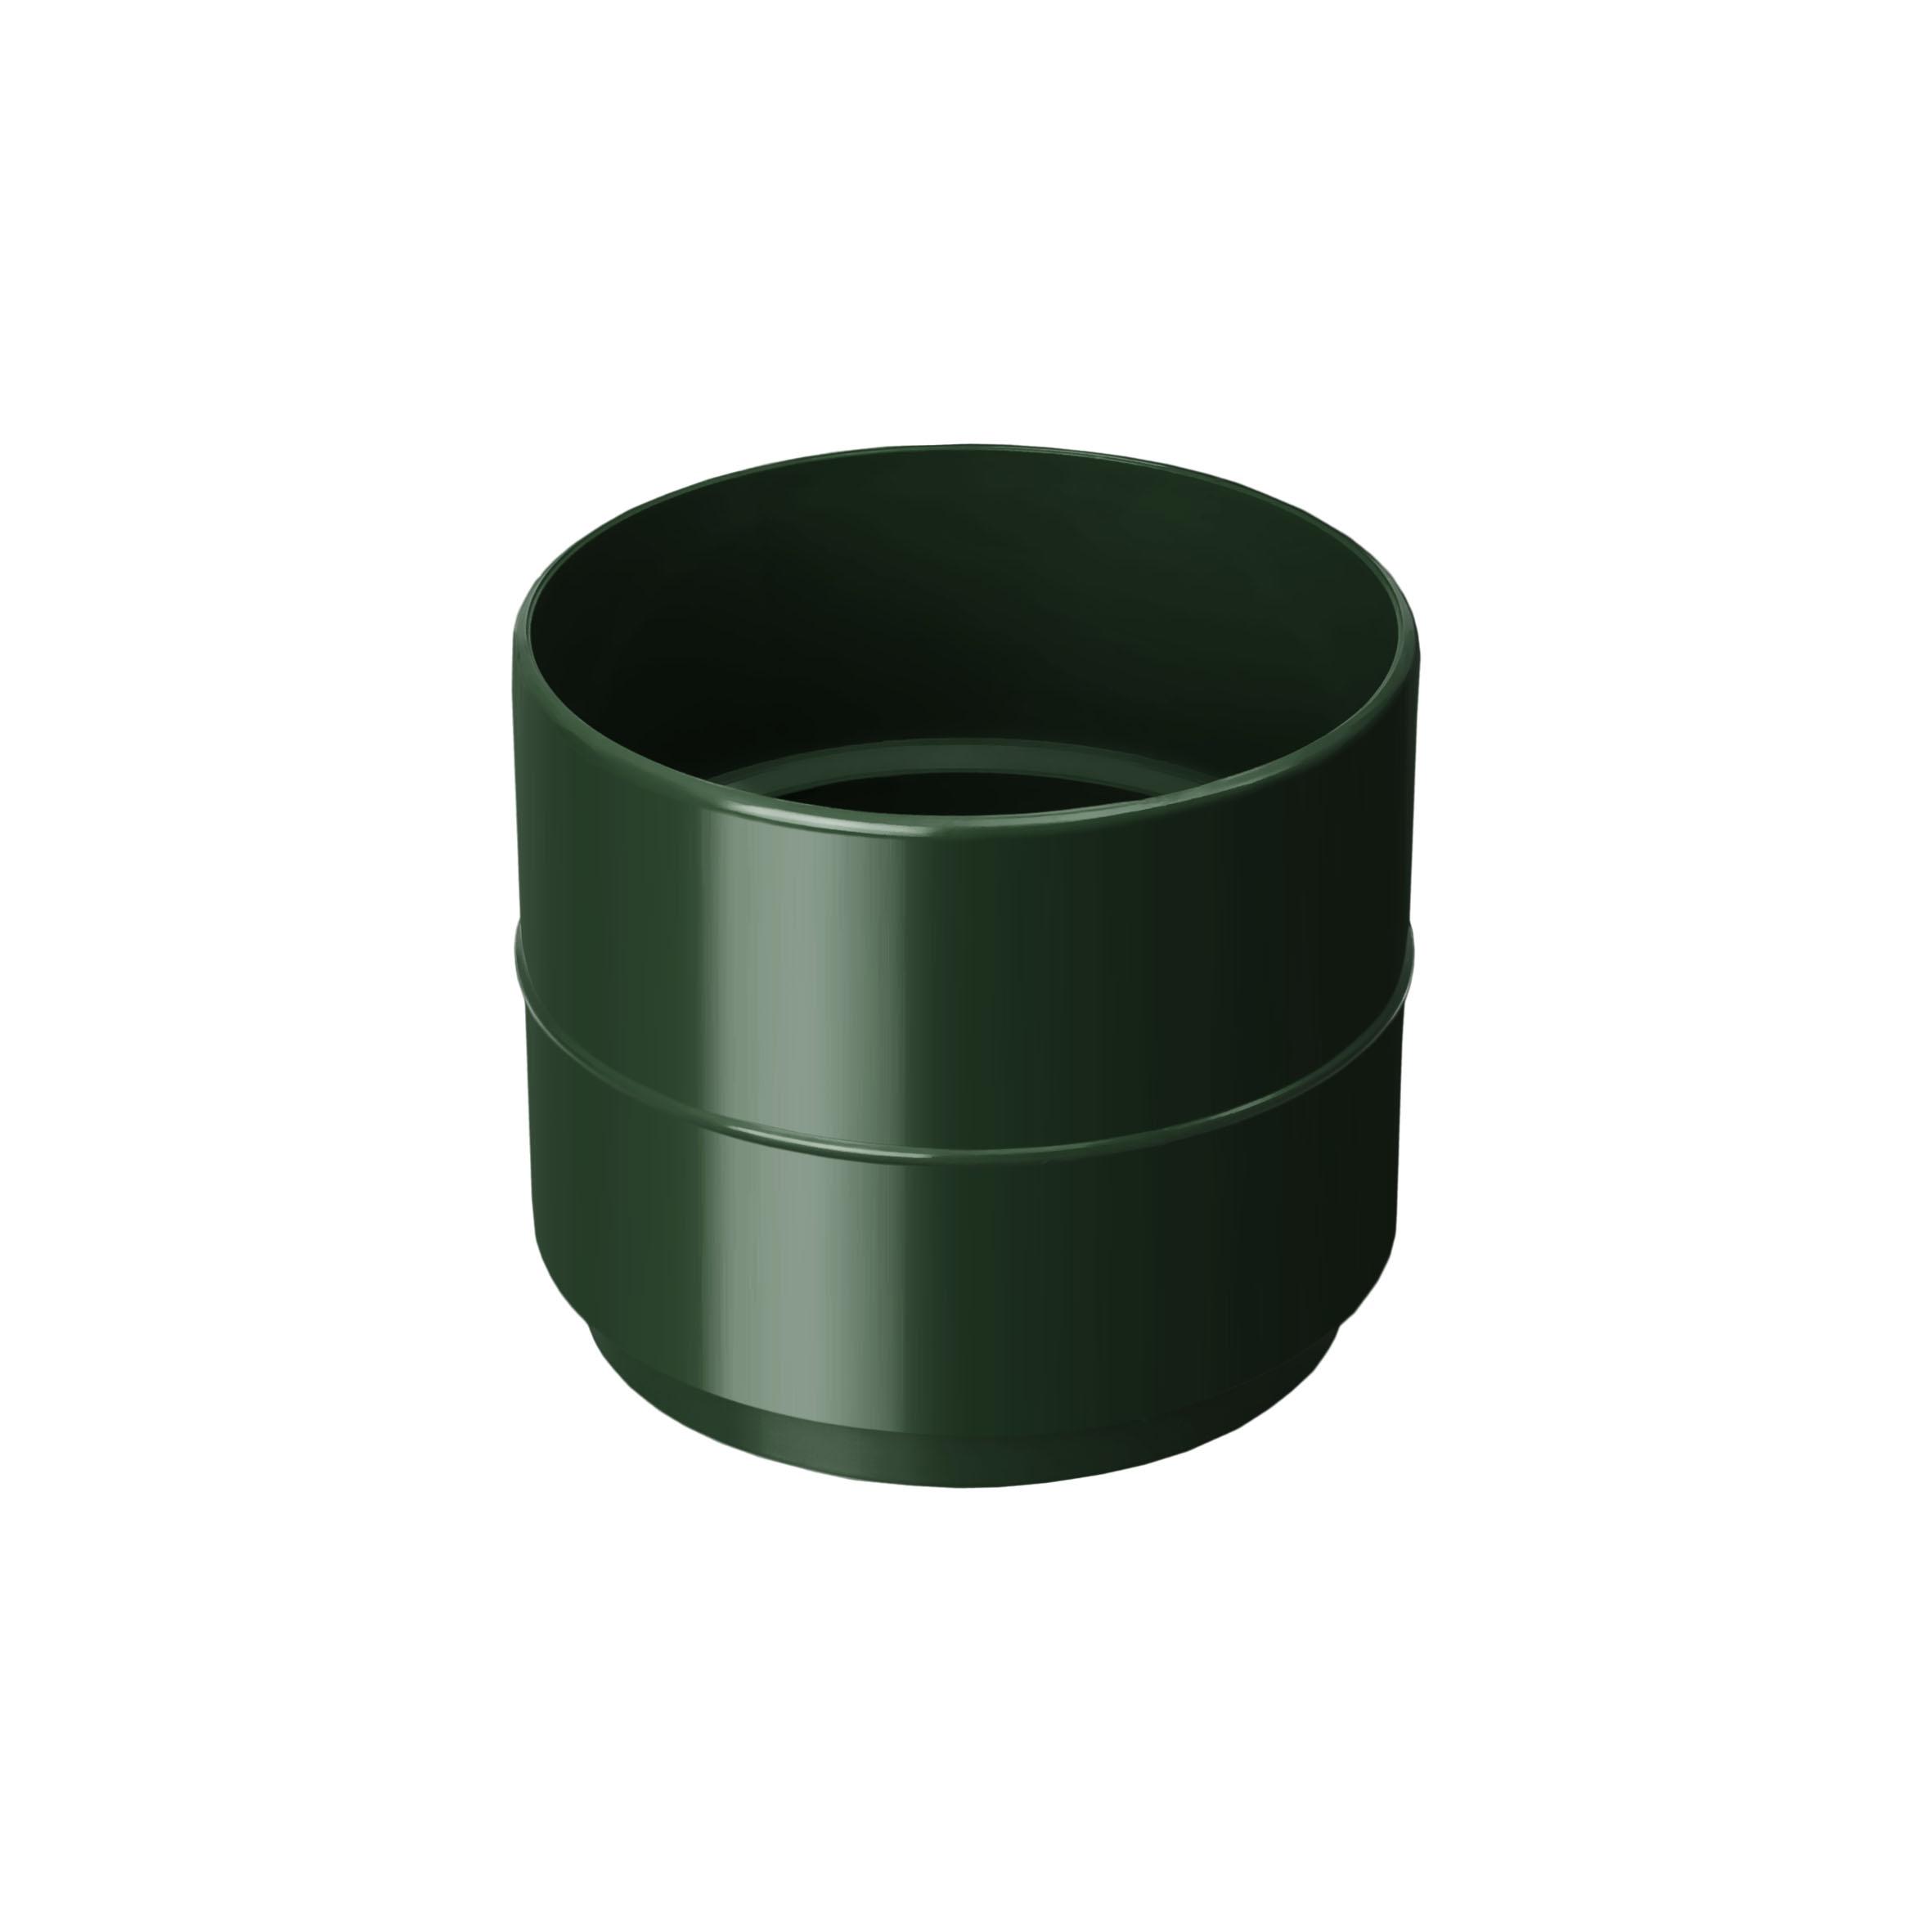 Муфта труби, зелена 100мм/Ø RainWay